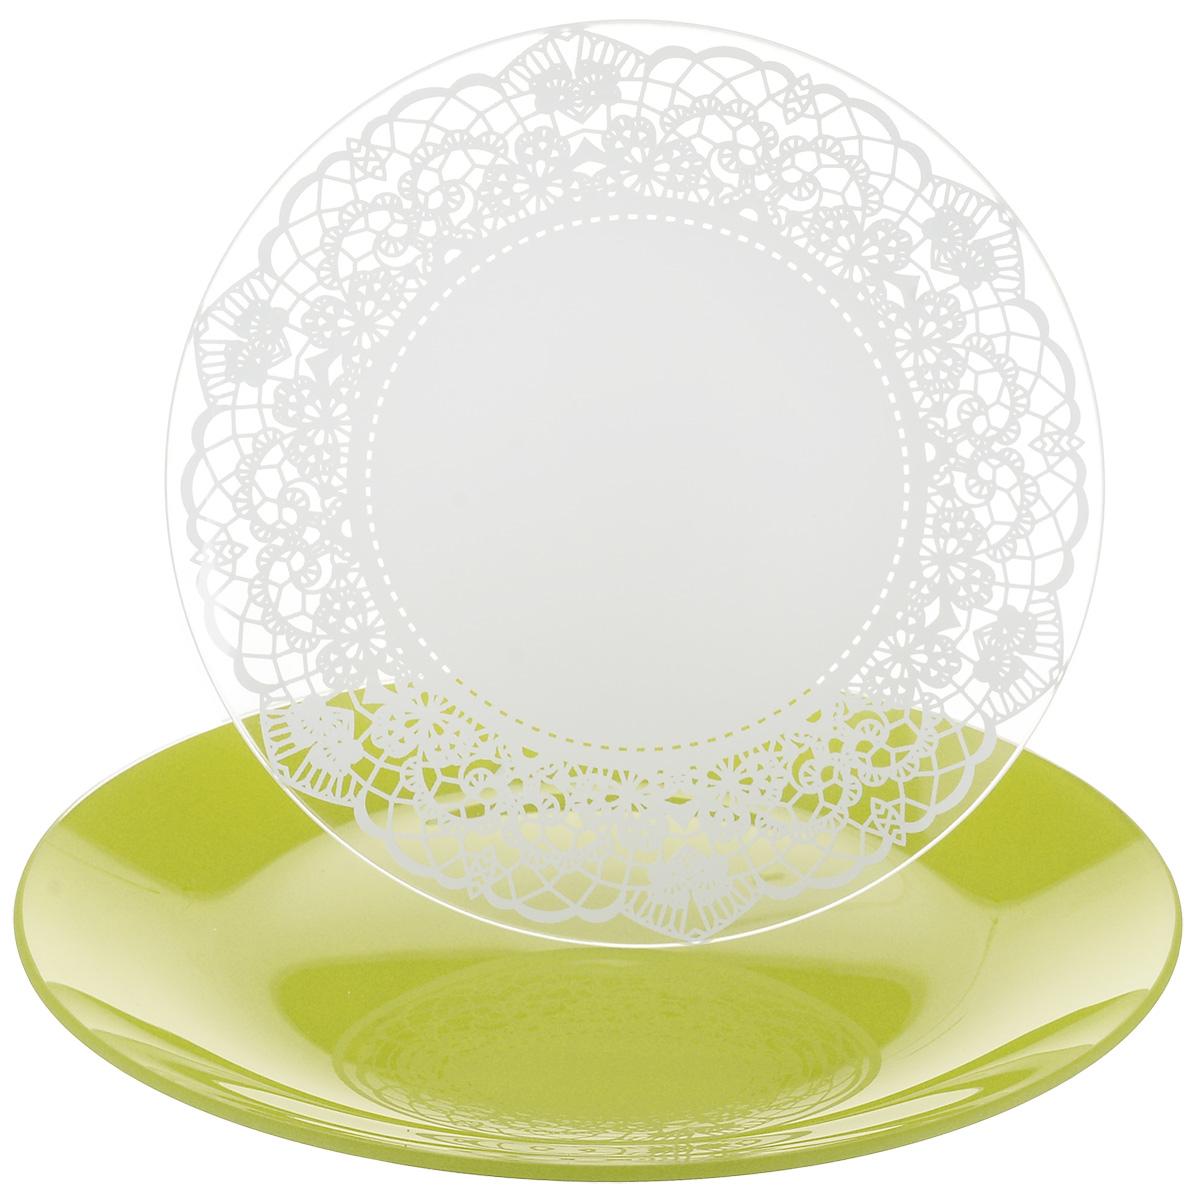 Набор тарелок NiNaGlass, цвет: зеленый, диаметр 20 см, 2 шт. 85-200-143псз85-200-143псзНабор тарелок NiNaGlass Кружево и Палитра выполнена из высококачественного стекла, декорирована под Вологодское кружево и подстановочная тарелка яркий насыщенный цвет. Набор идеален для подачи горячих блюд, сервировки праздничного стола, нарезок, салатов, овощей и фруктов. Он отлично подойдет как для повседневных, так и для торжественных случаев. Такой набор прекрасно впишется в интерьер вашей кухни и станет достойным дополнением к кухонному инвентарю.